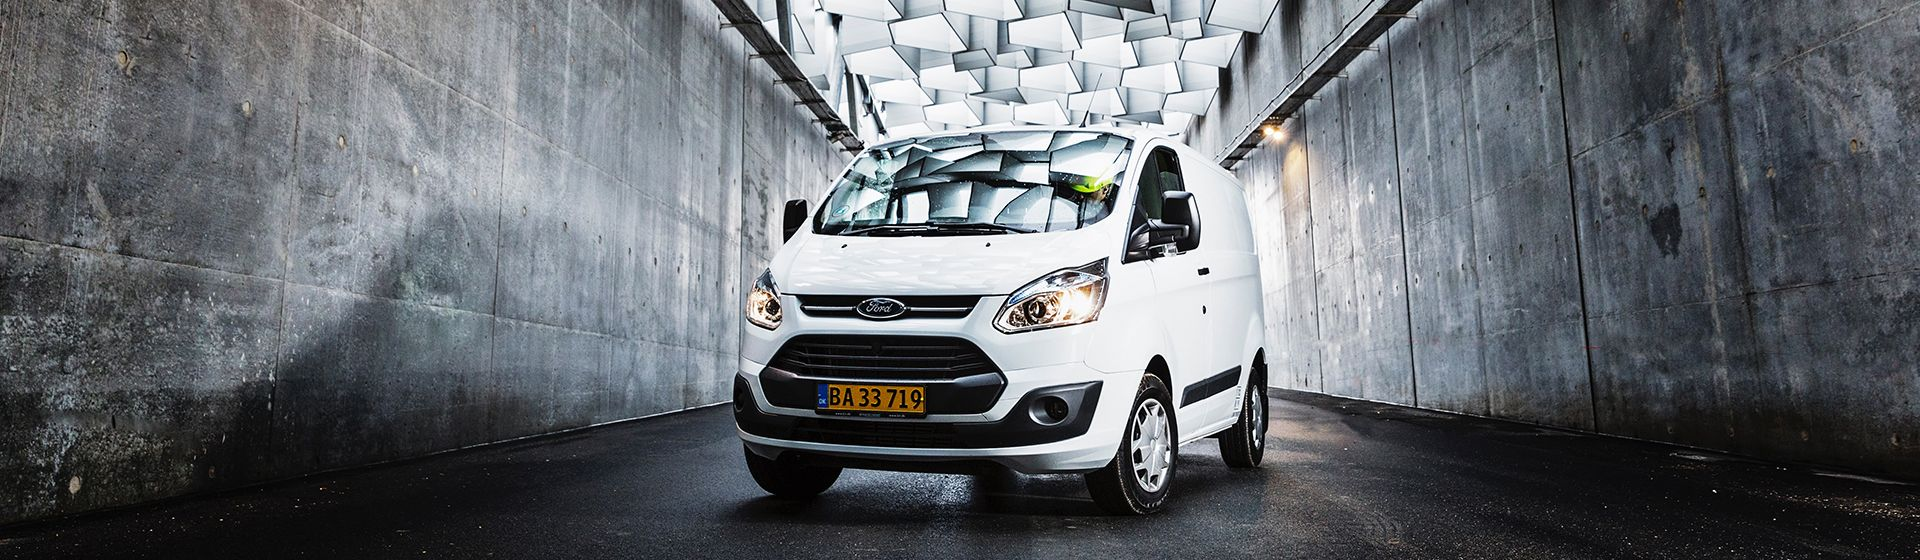 When is a van not a van?